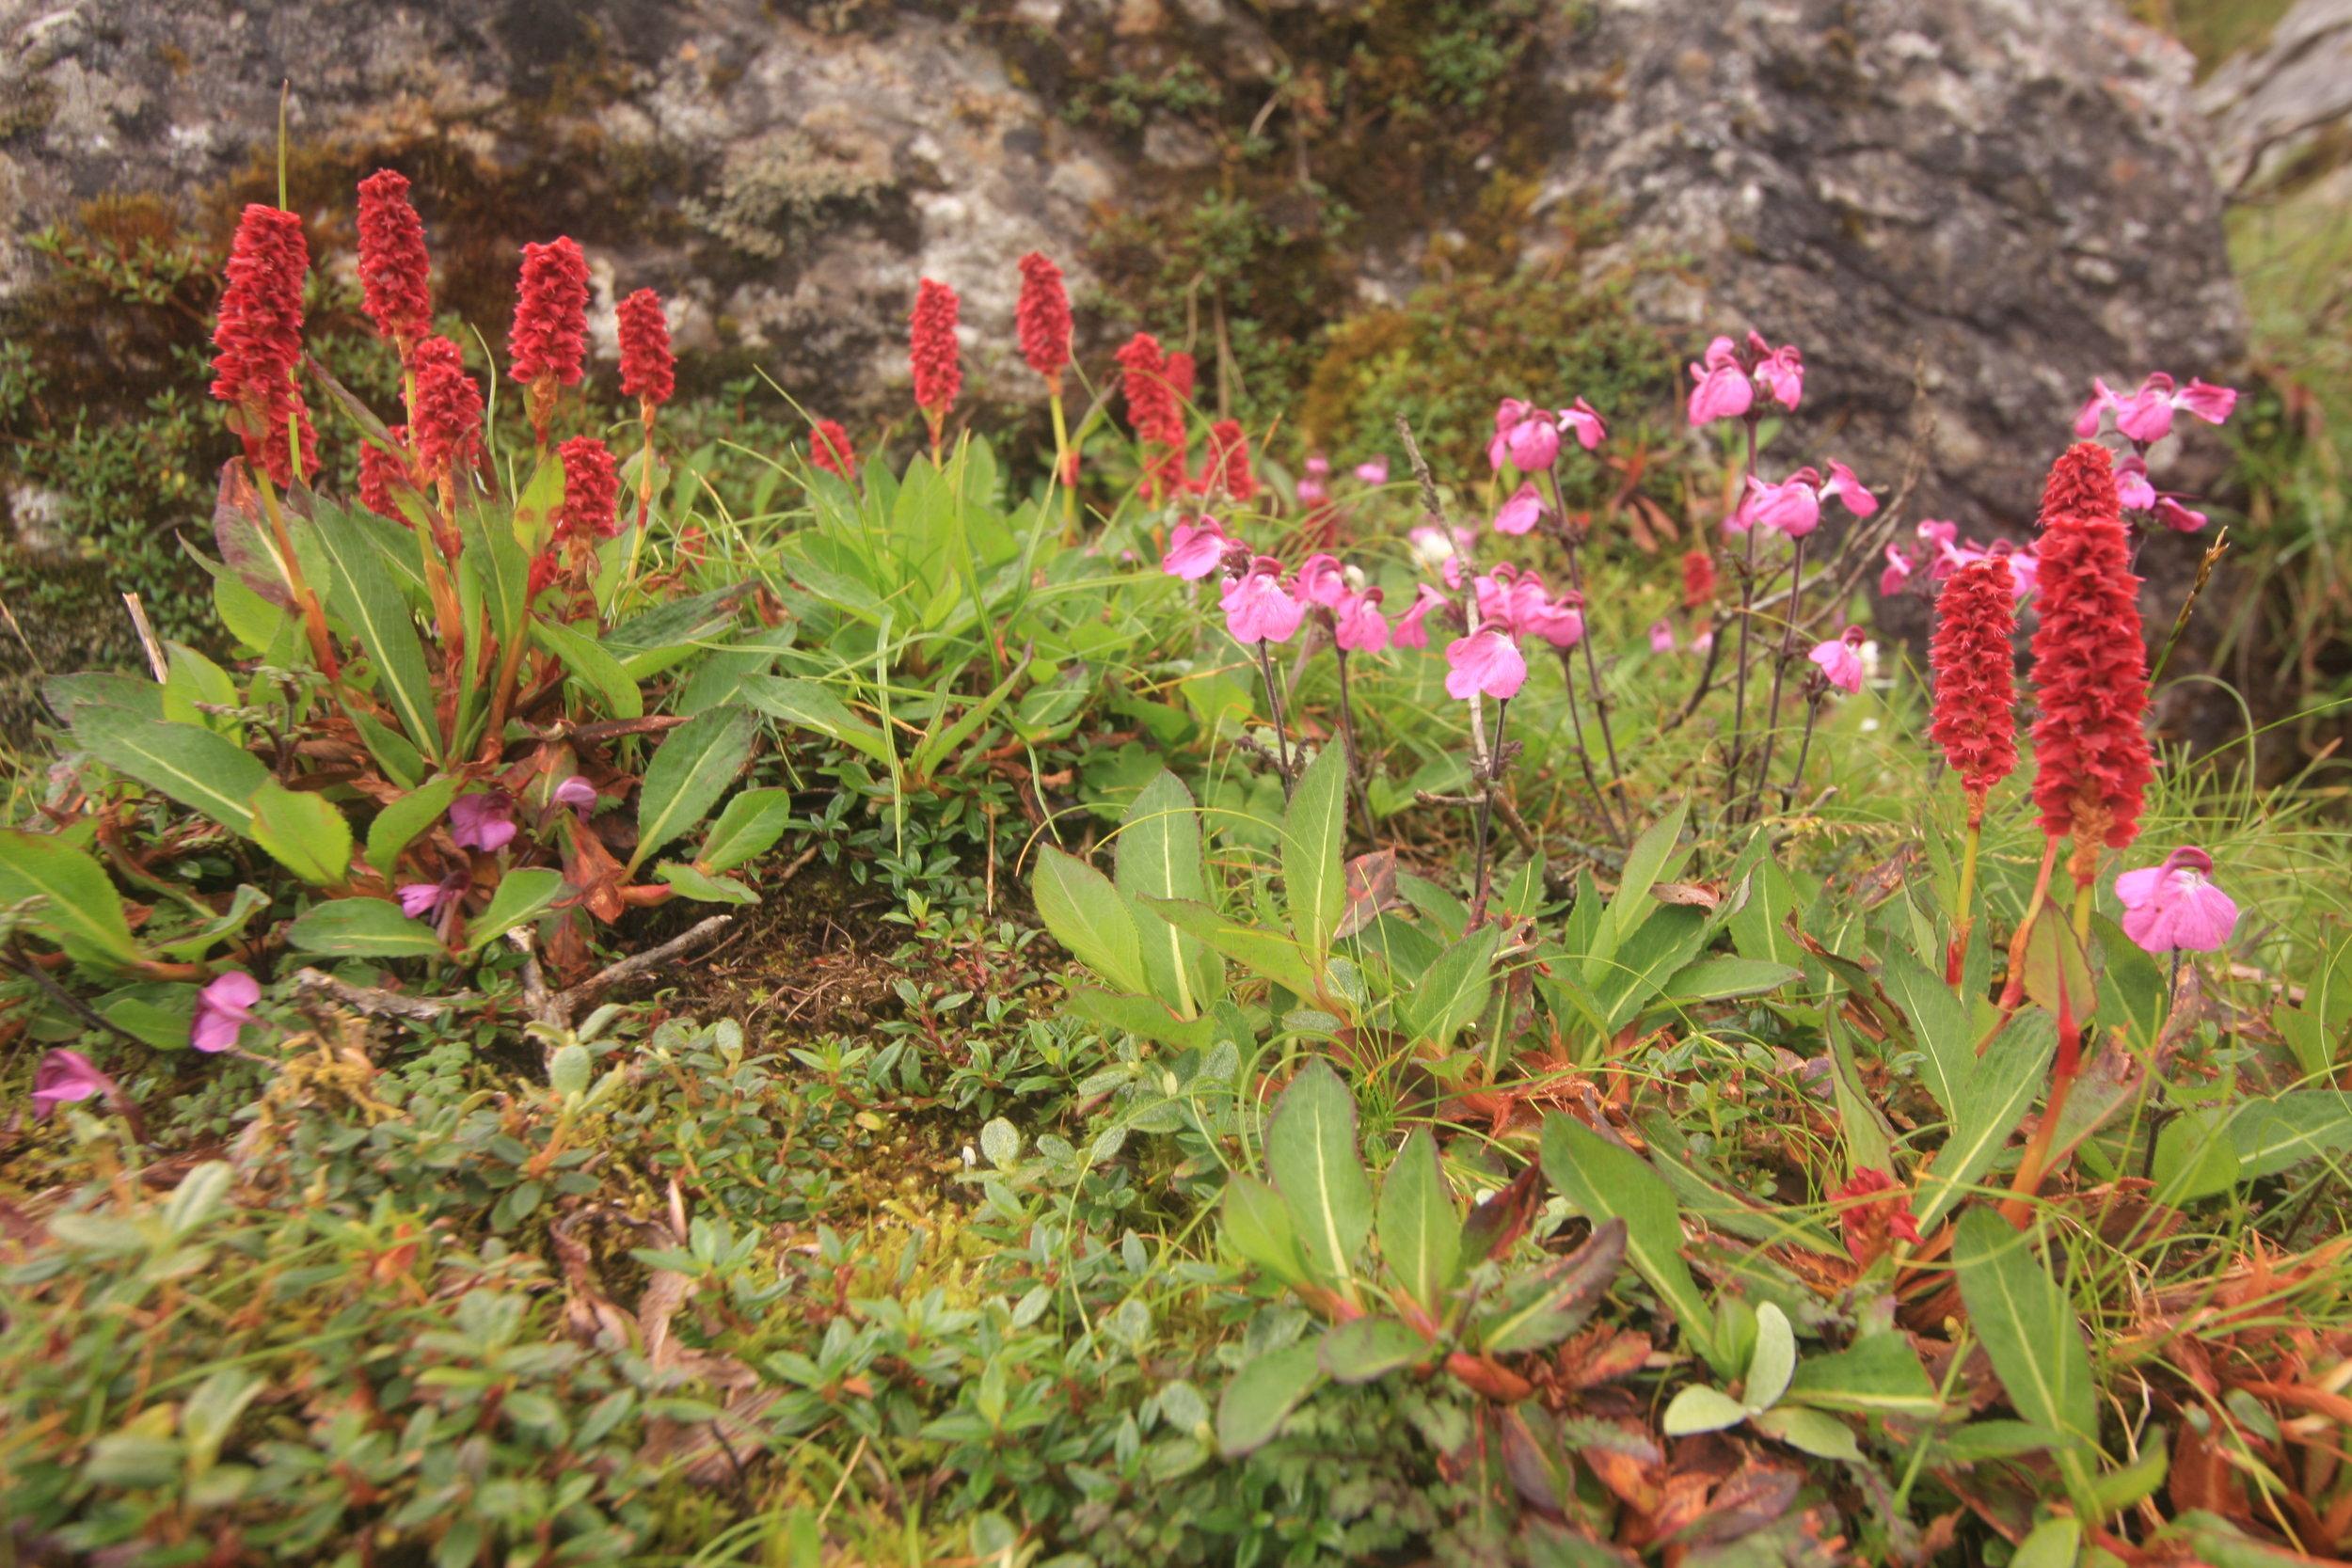 Persicaria and Pedicularis